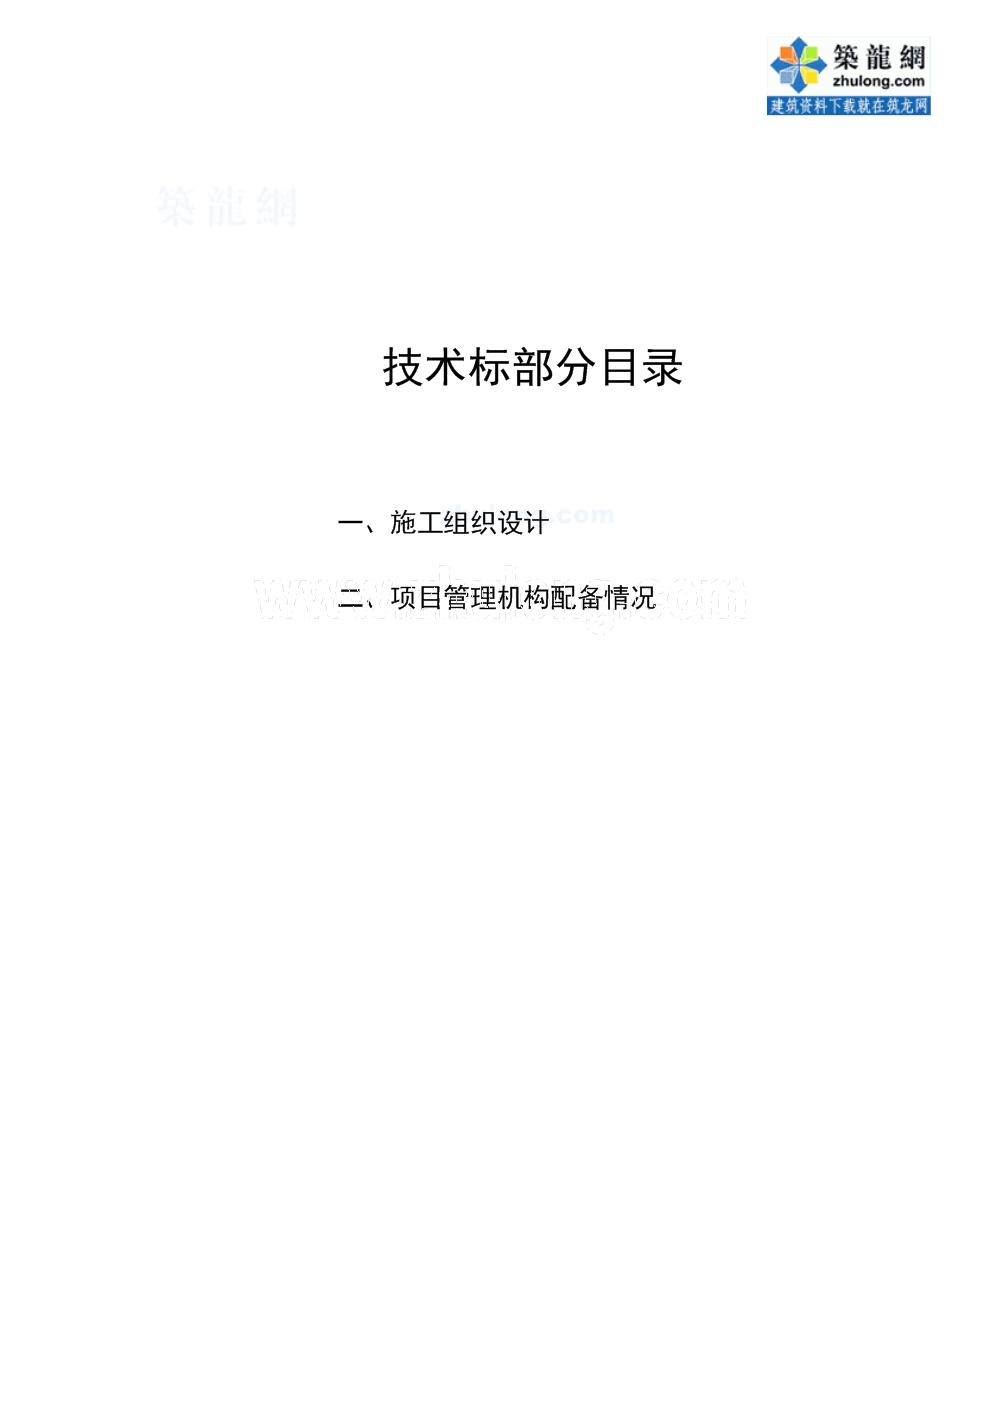 市政工程城市道路施工组织设计投标文件 技术标投标书 .doc